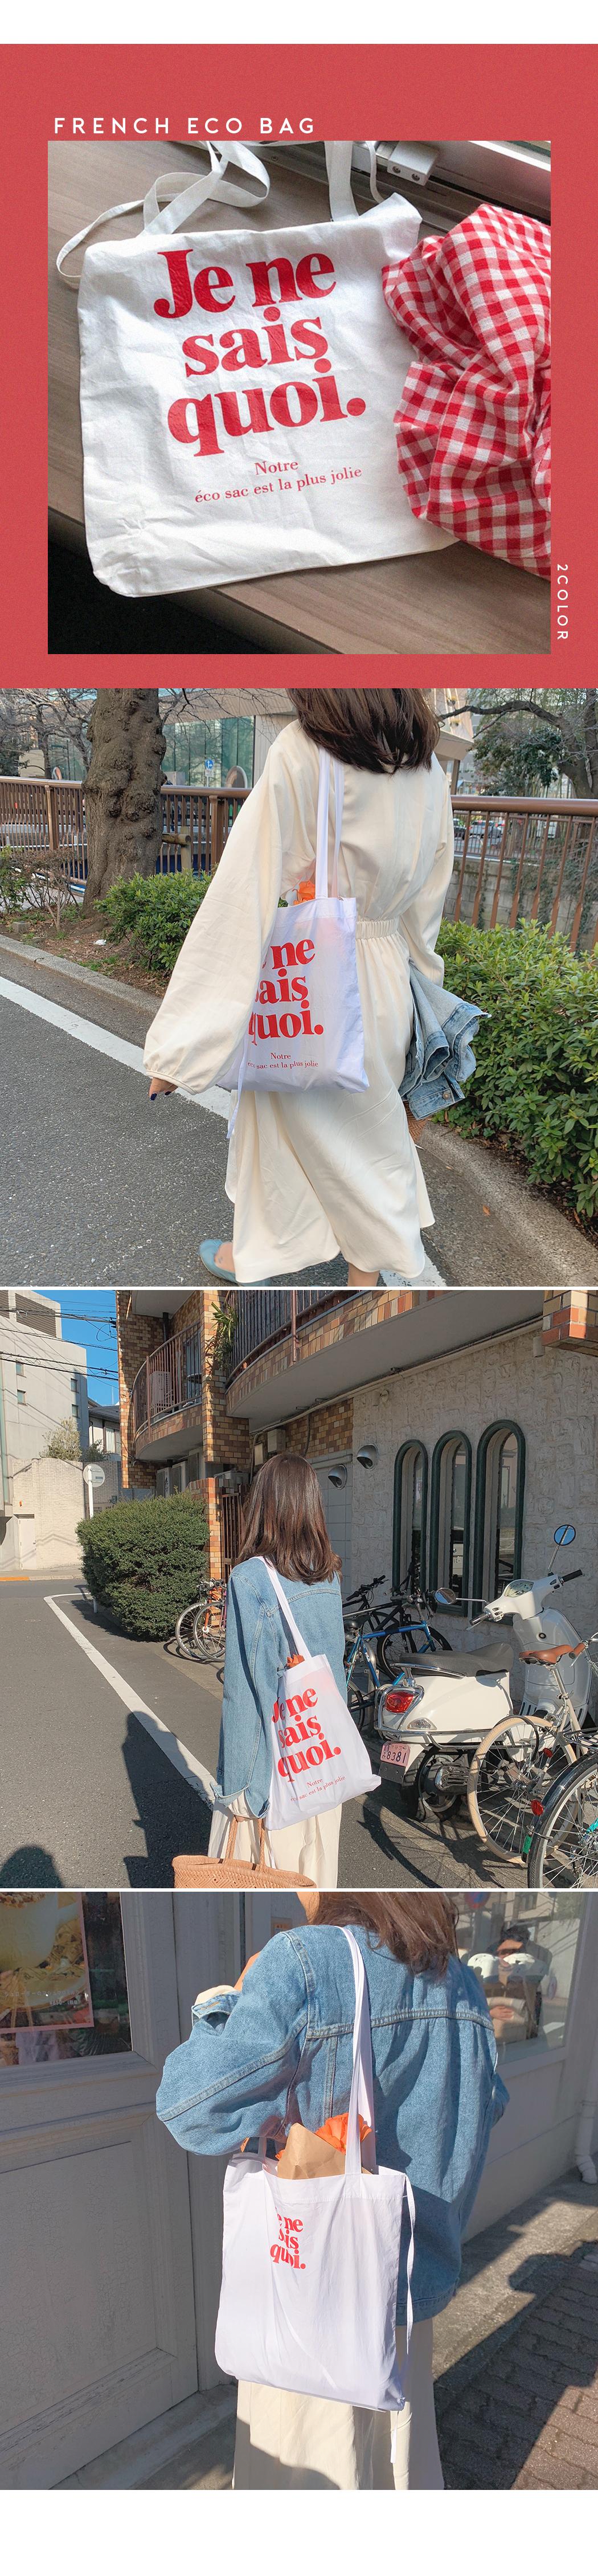 French Eco Bag